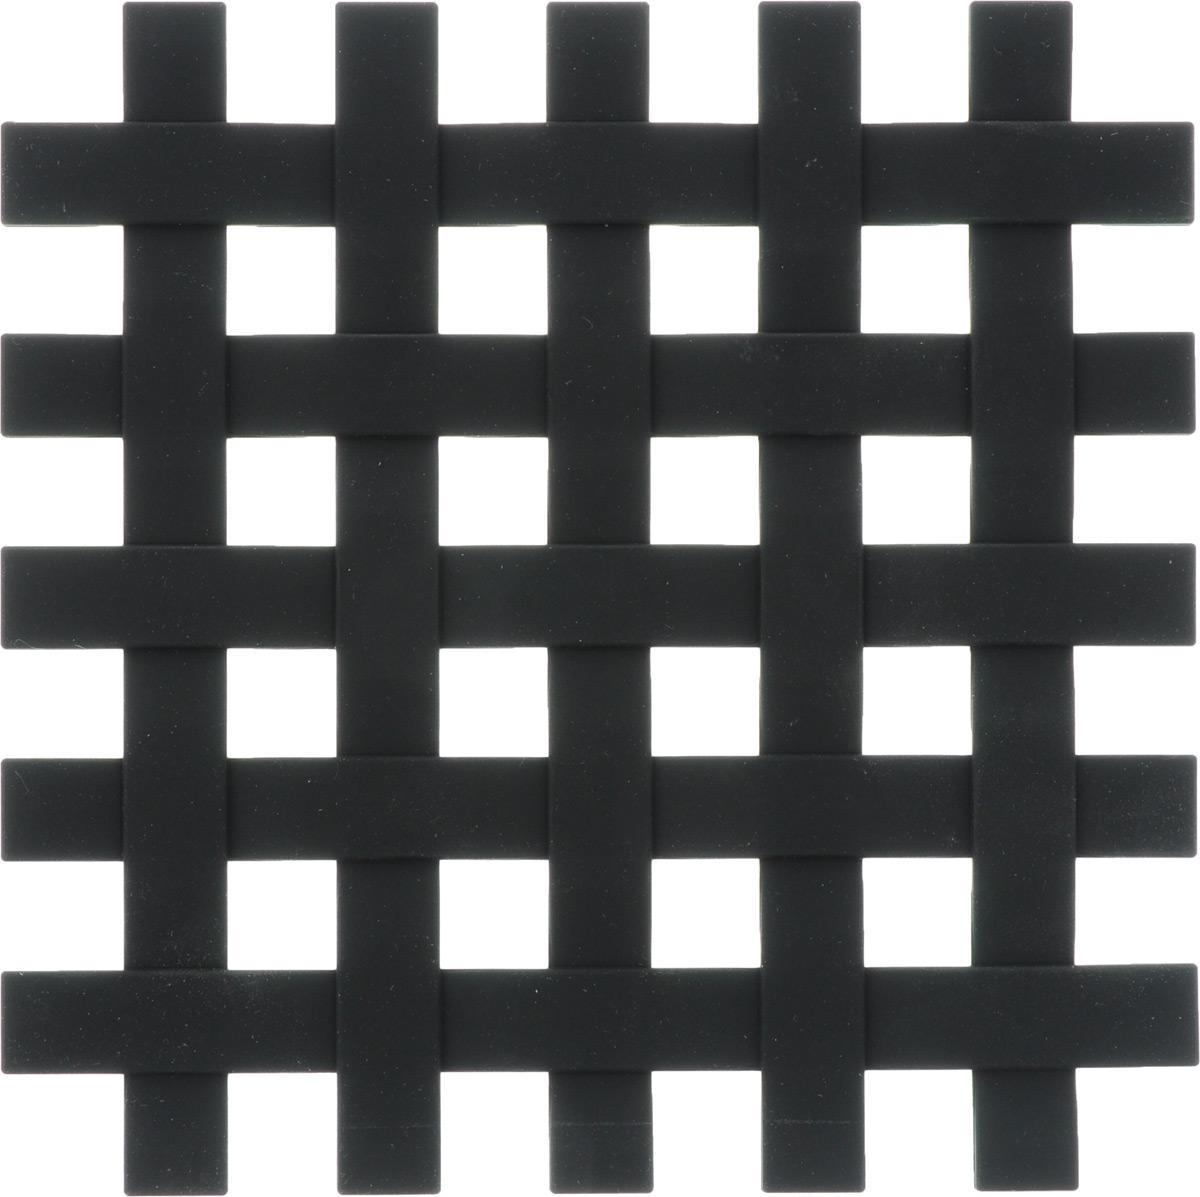 Подставка под горячее Zeller, цвет: черный, 17,2 х 17,2 см27232Подставка под горячее Zeller в виде решетки изготовлена из силикона. Материал позволяет выдерживать высокие температуры и не скользит по поверхности стола. Каждая хозяйка знает, что подставка под горячее - это незаменимый и очень полезный аксессуар на каждой кухне. Ваш стол будет не только украшен оригинальной подставкой, но и избежит воздействия высоких температур.